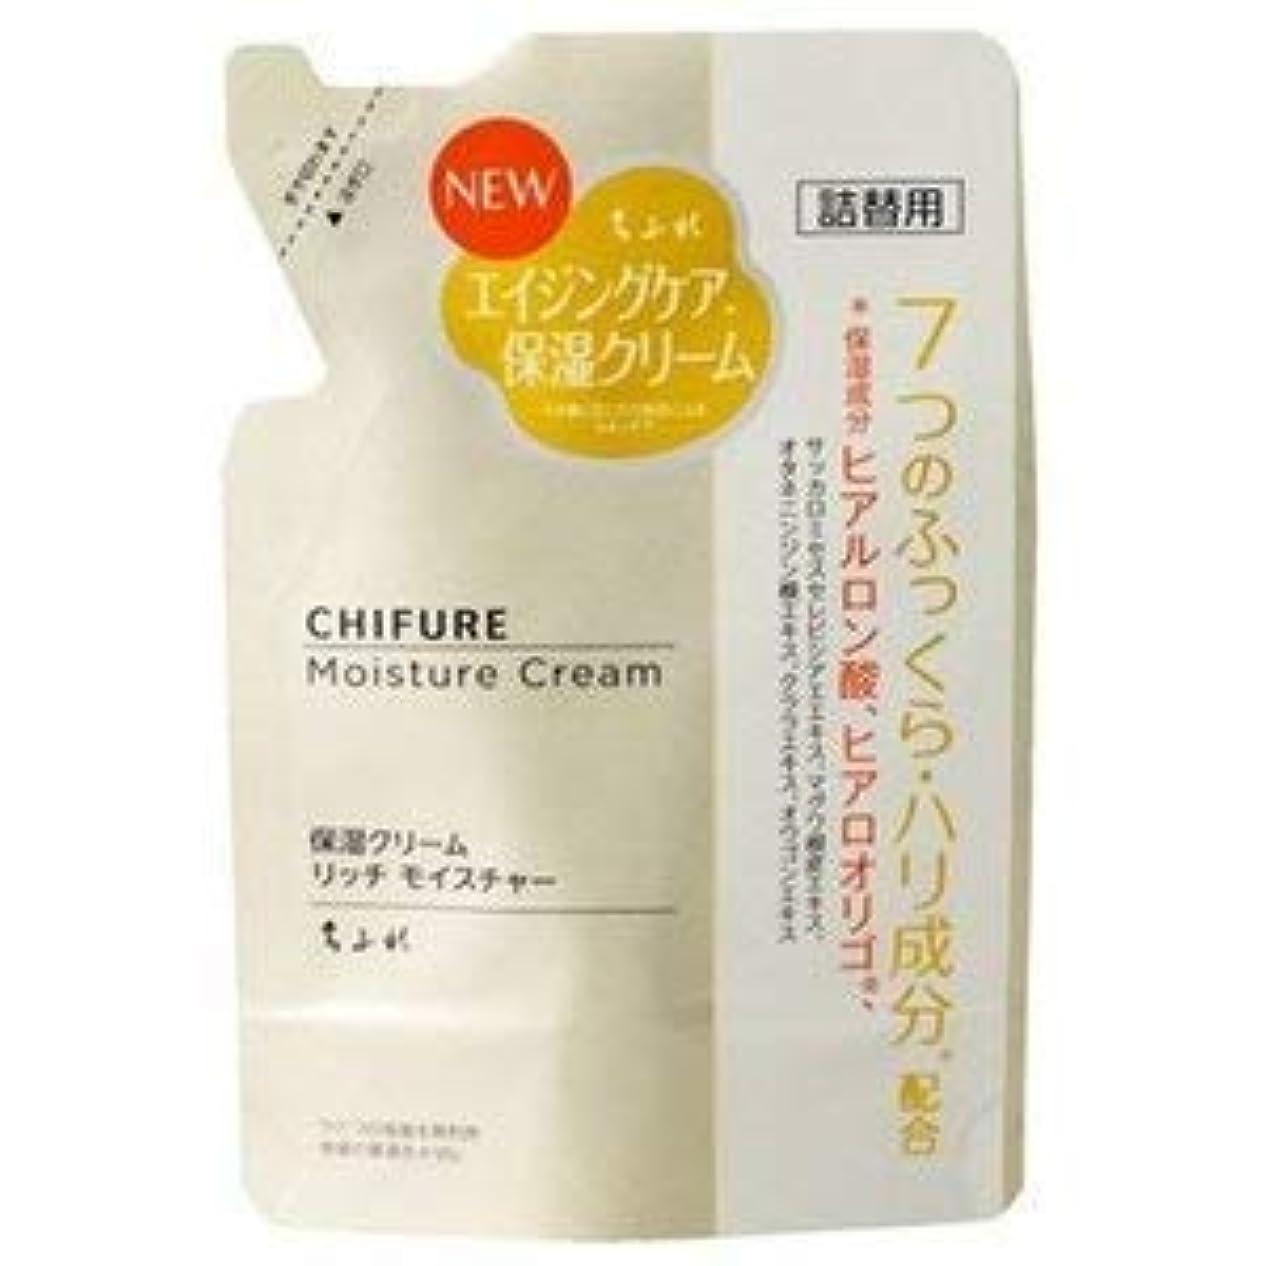 男やもめウェーハ嫌なちふれ化粧品 保湿クリーム リッチモイスチャータイプ 54g (詰替)